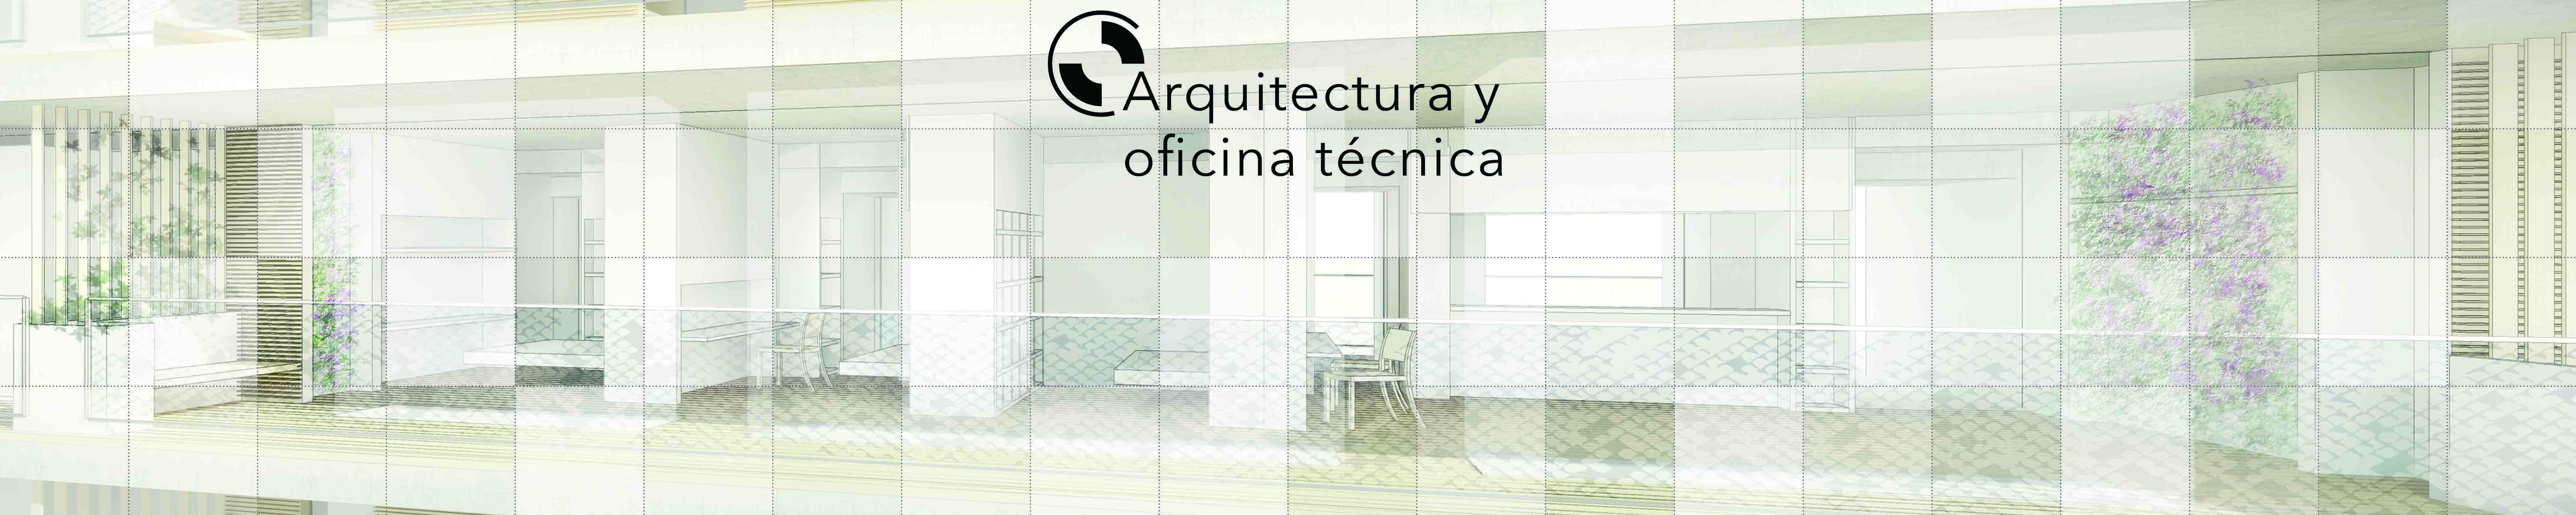 Arquitectura y oficina técnica